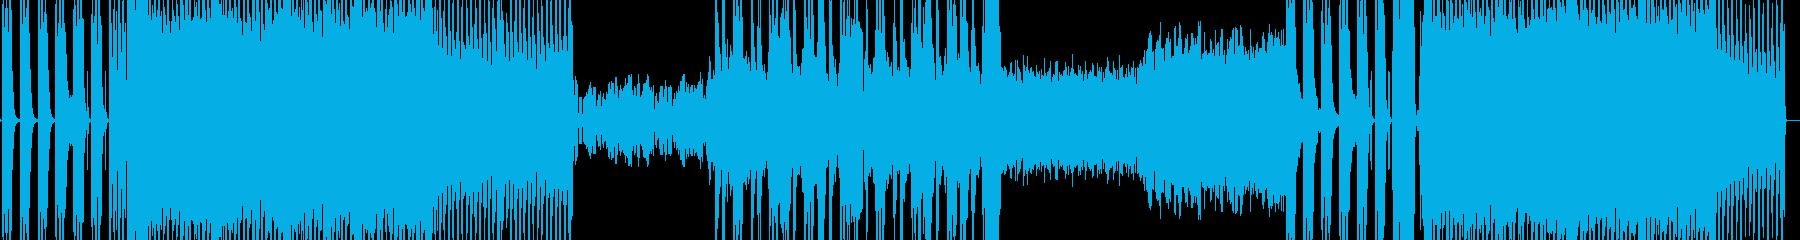 ギターインスト×EDMの再生済みの波形